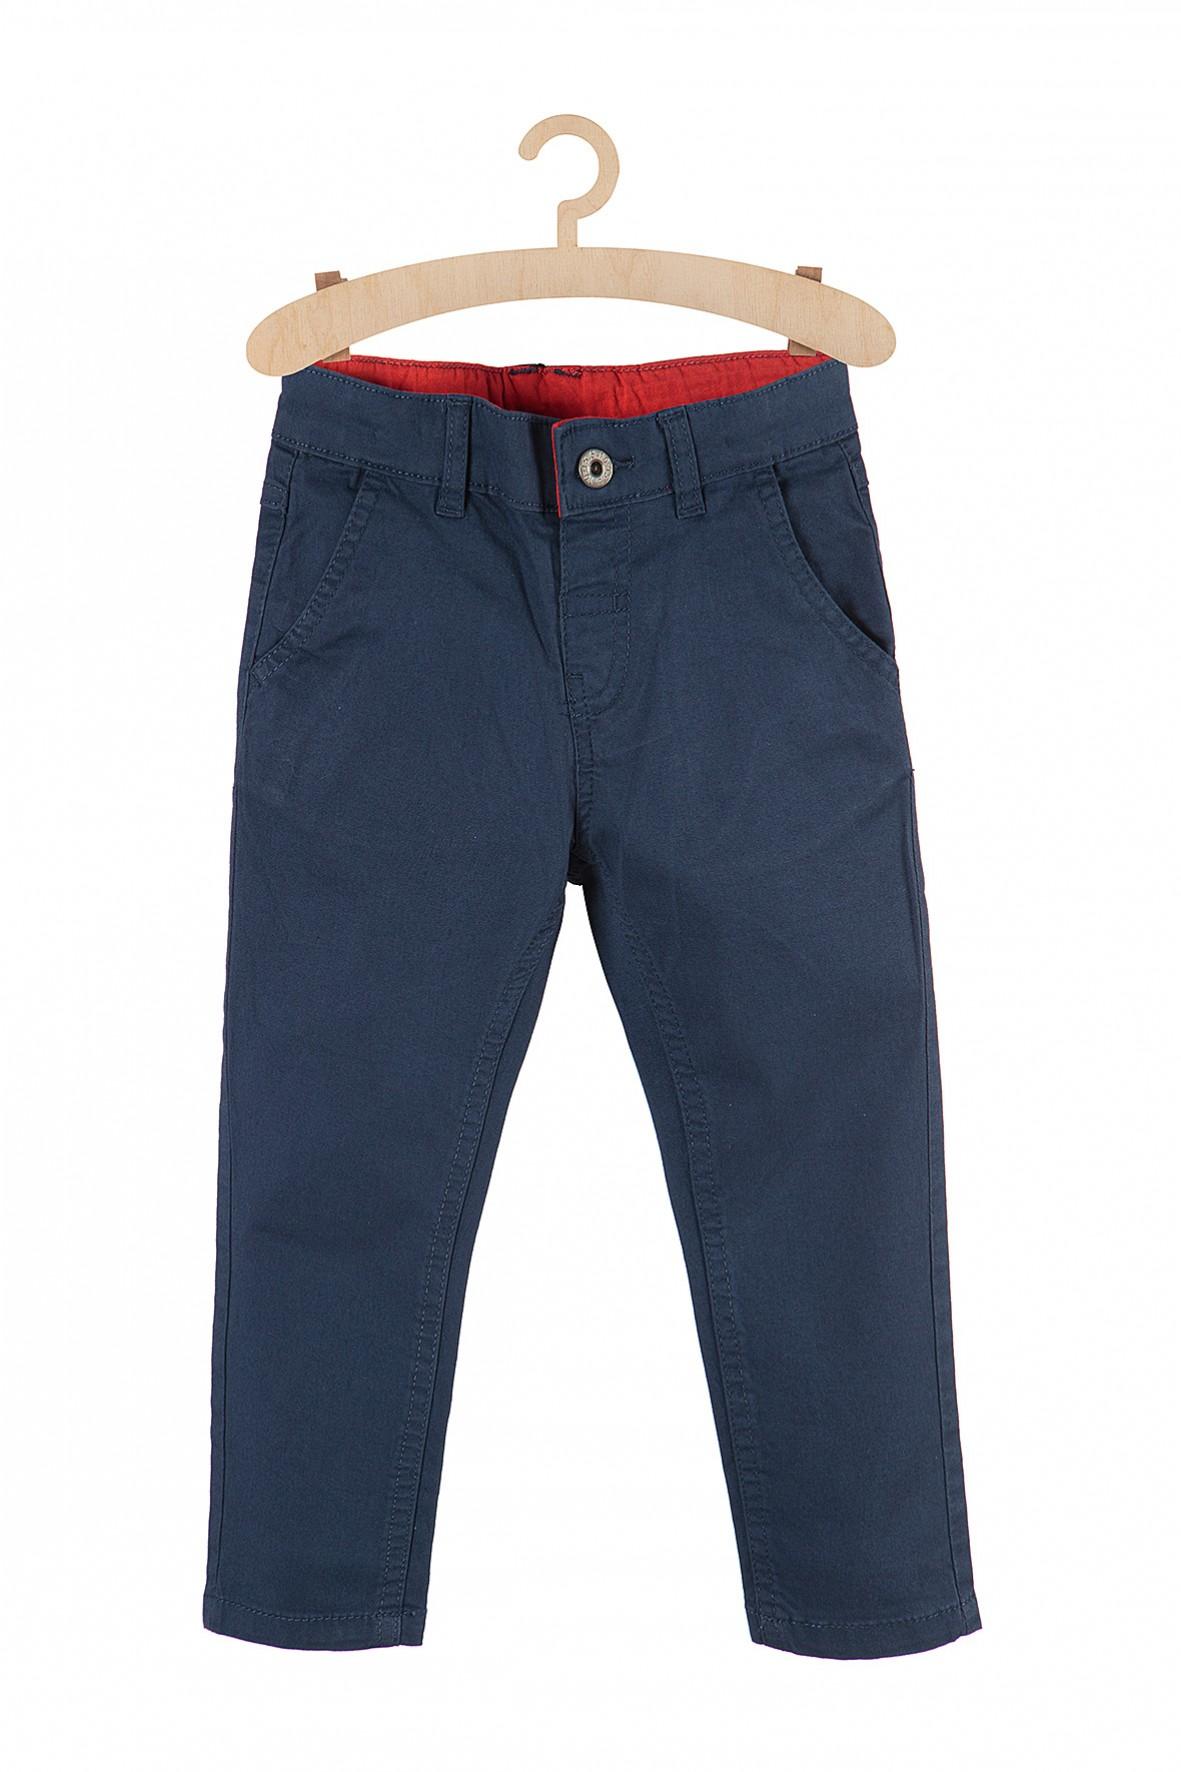 Spodnie chłopięce materiałowe granatowe